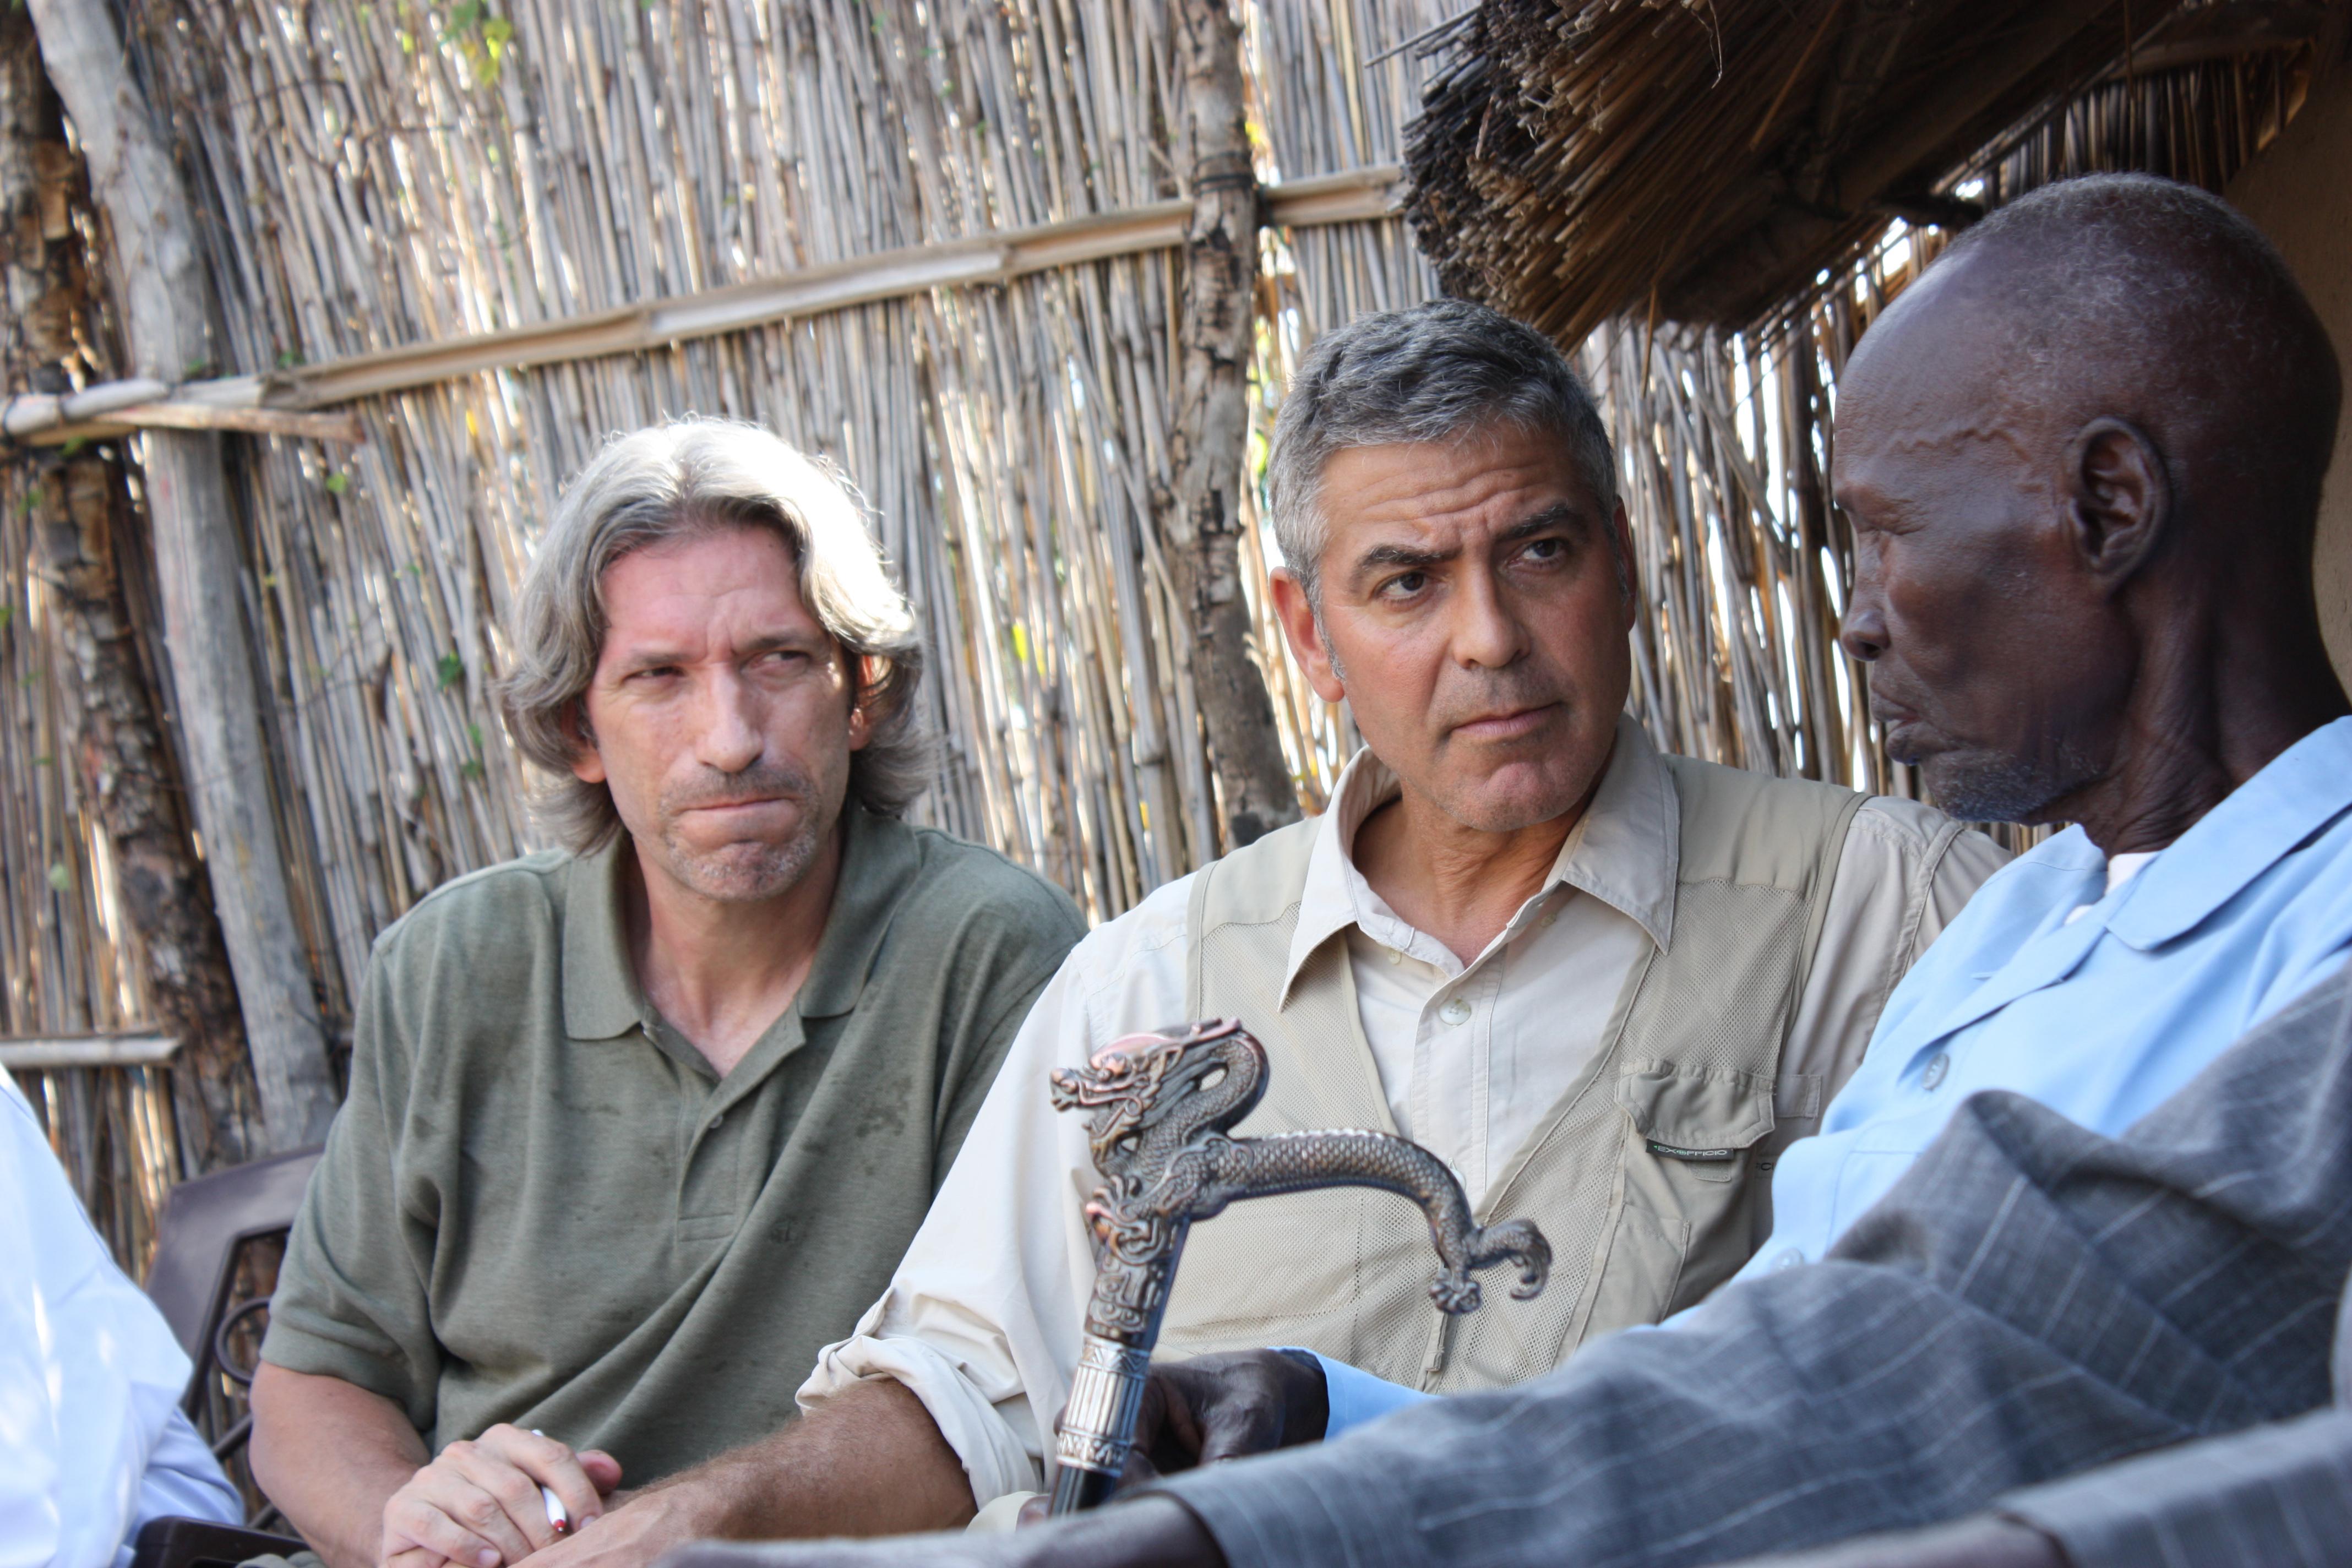 Prendergast, left, and Clooney meet with Sudanese elders